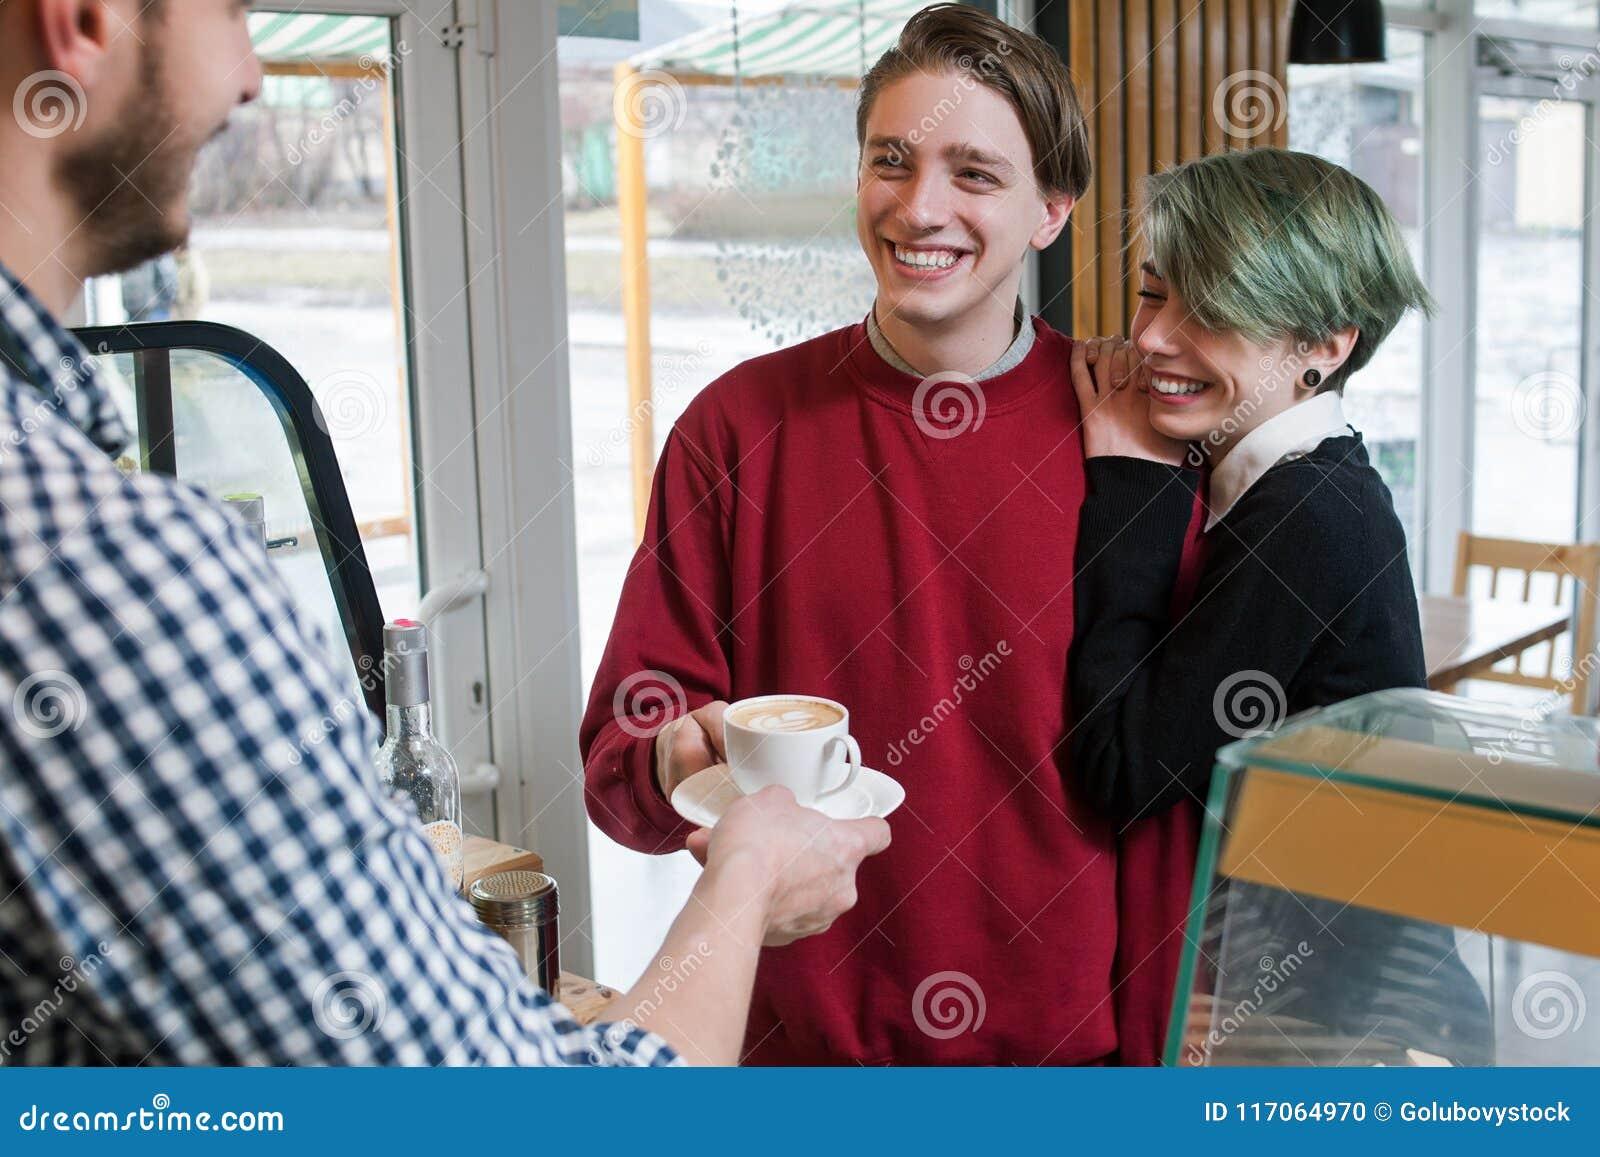 愉快的客户酒吧咖啡依赖性青年生活方式